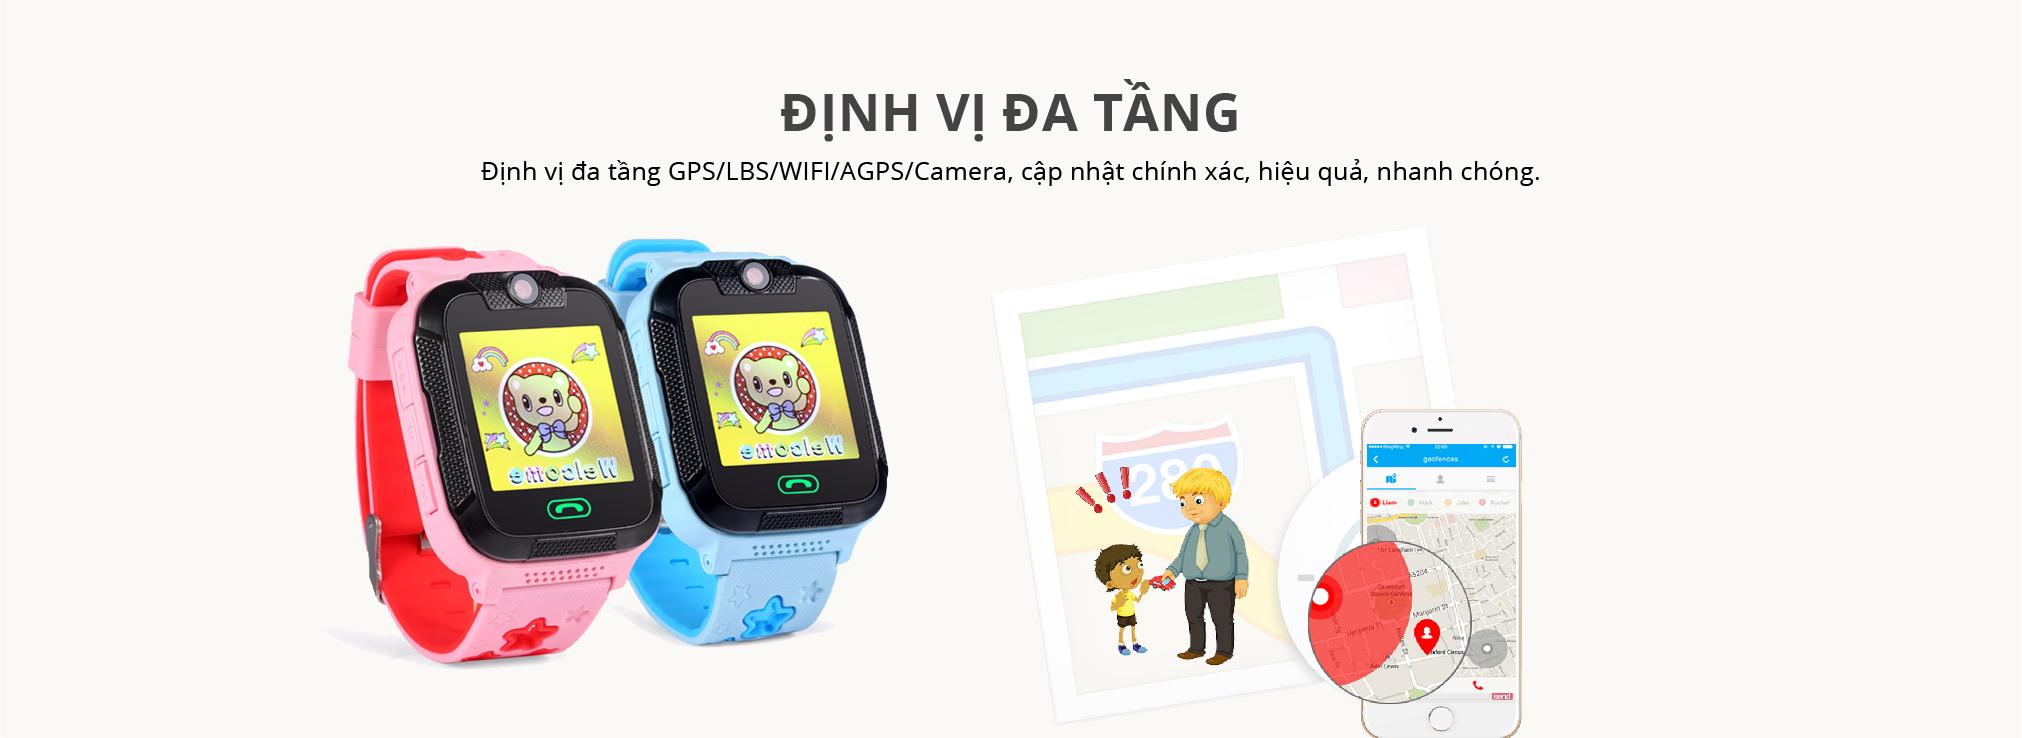 Đồng Hồ Định Vị GPS Trẻ Em Wonlex GW400E Chuẩn Chống Nước IP67 - Hàng Chính Hãng